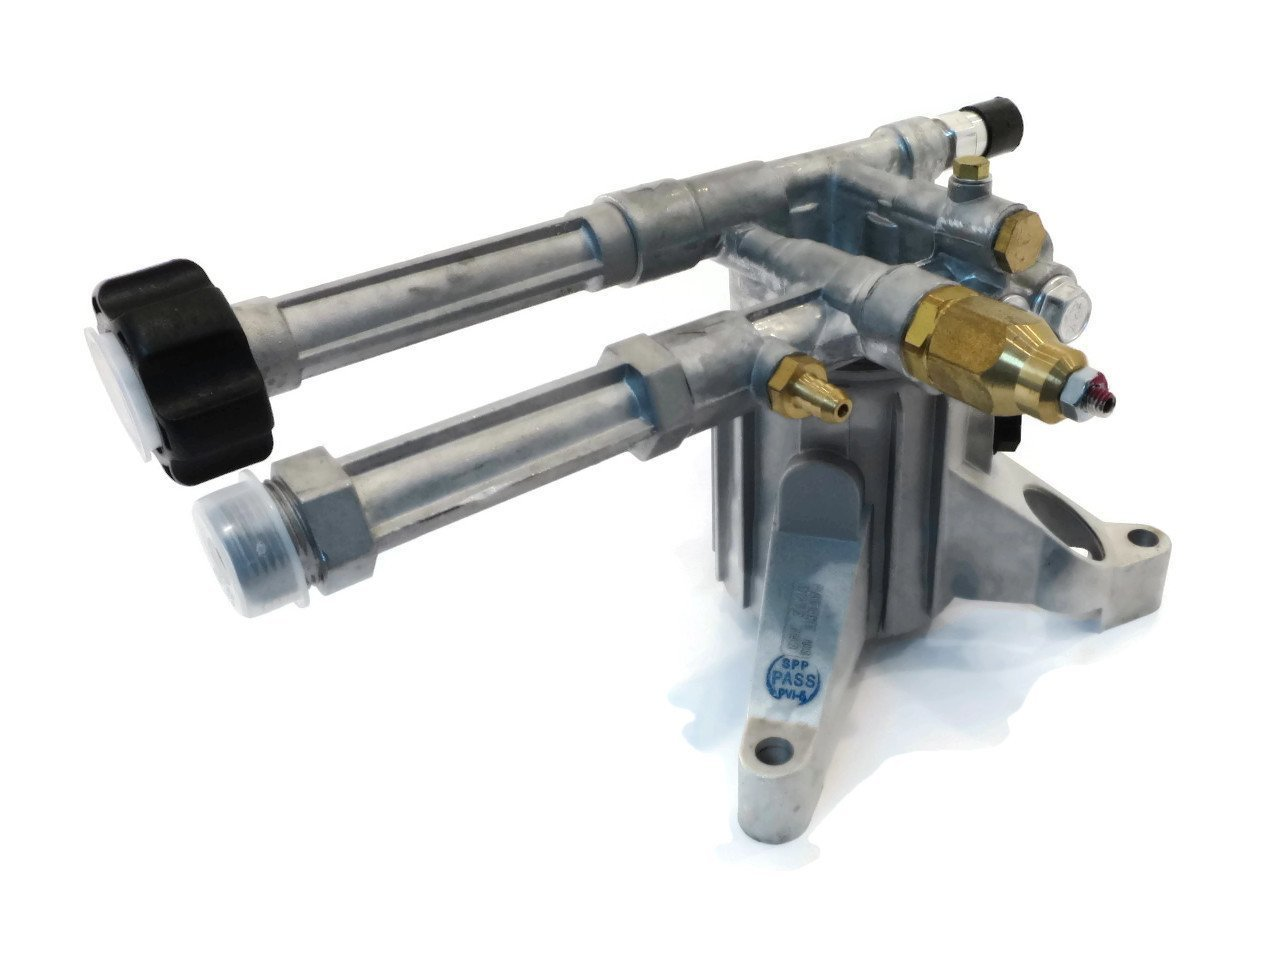 2600 PSI AR Pressure Washer Water Pump Troy Bilt Husky Briggs /& Stratton